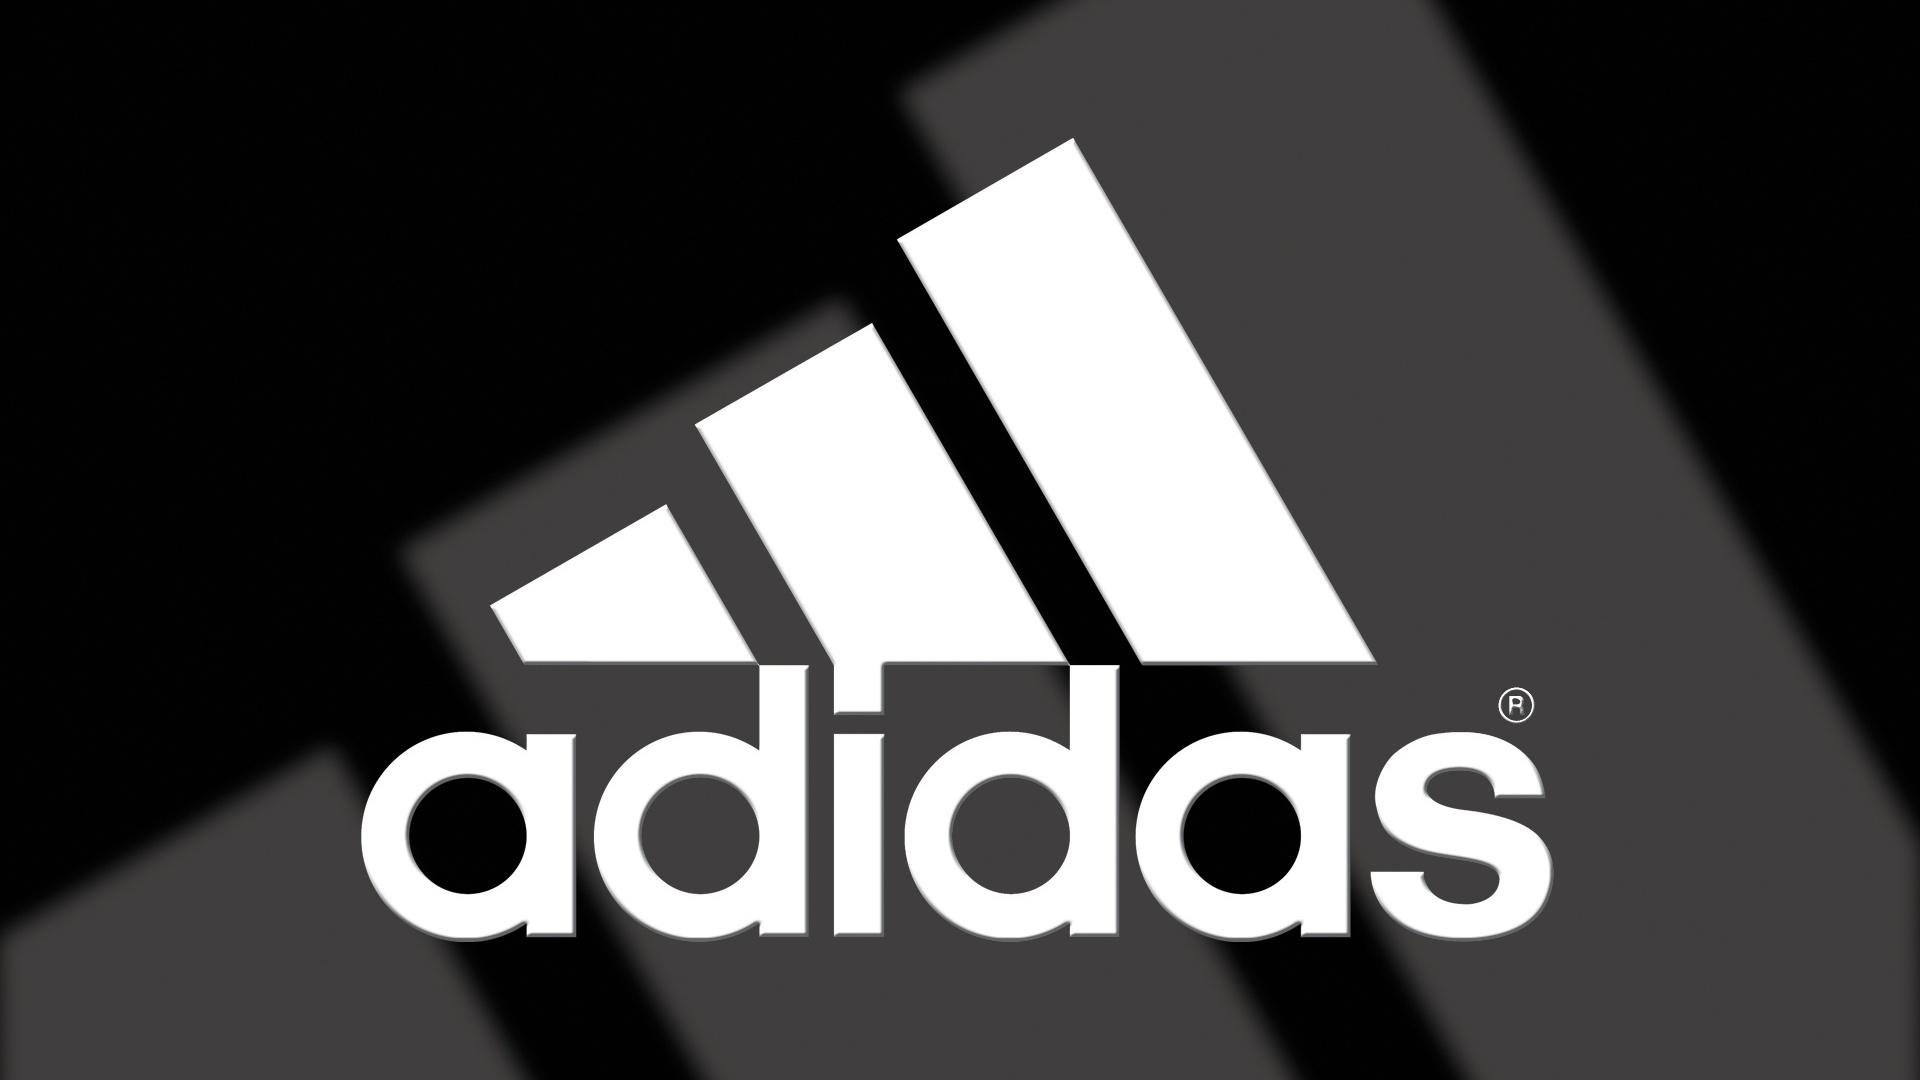 1920x1080 Adidas 1920x1080